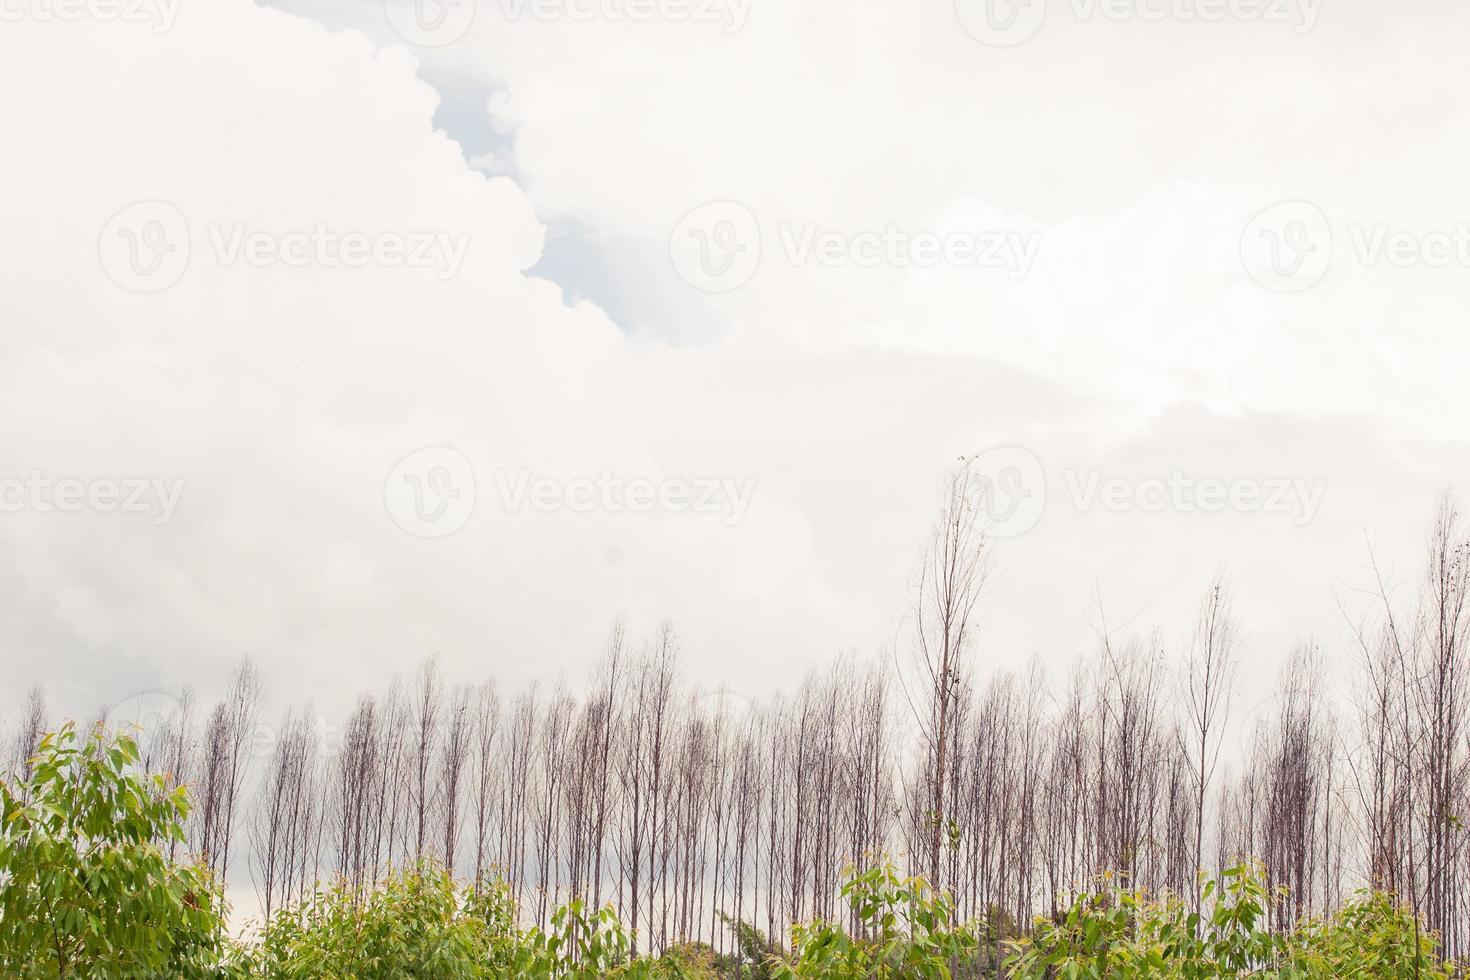 árvores secas no céu nublado foto